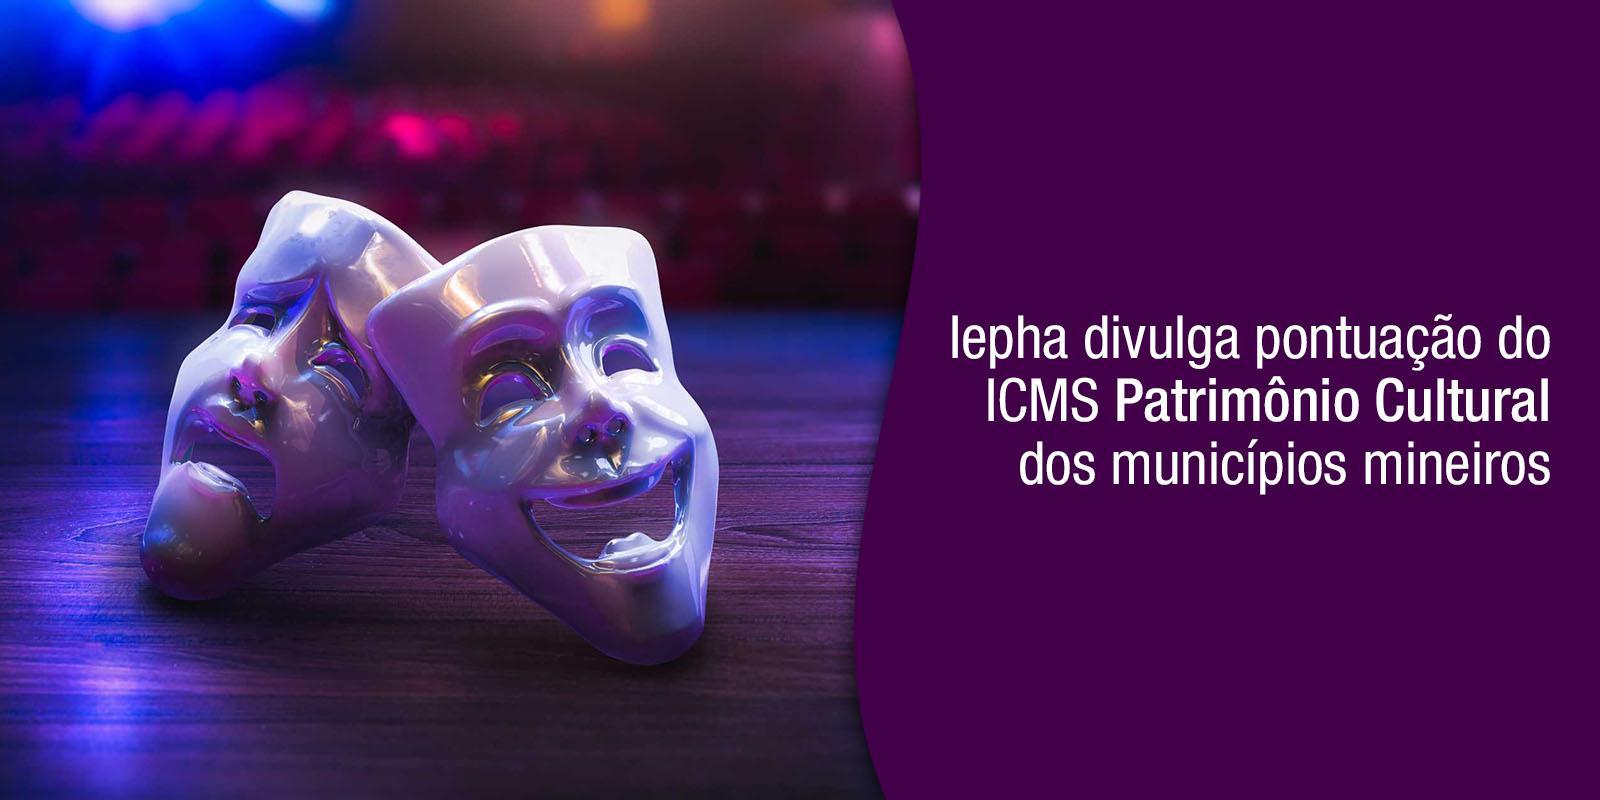 Iepha divulga pontuação do ICMS Patrimônio Cultural dos municípios mineiros